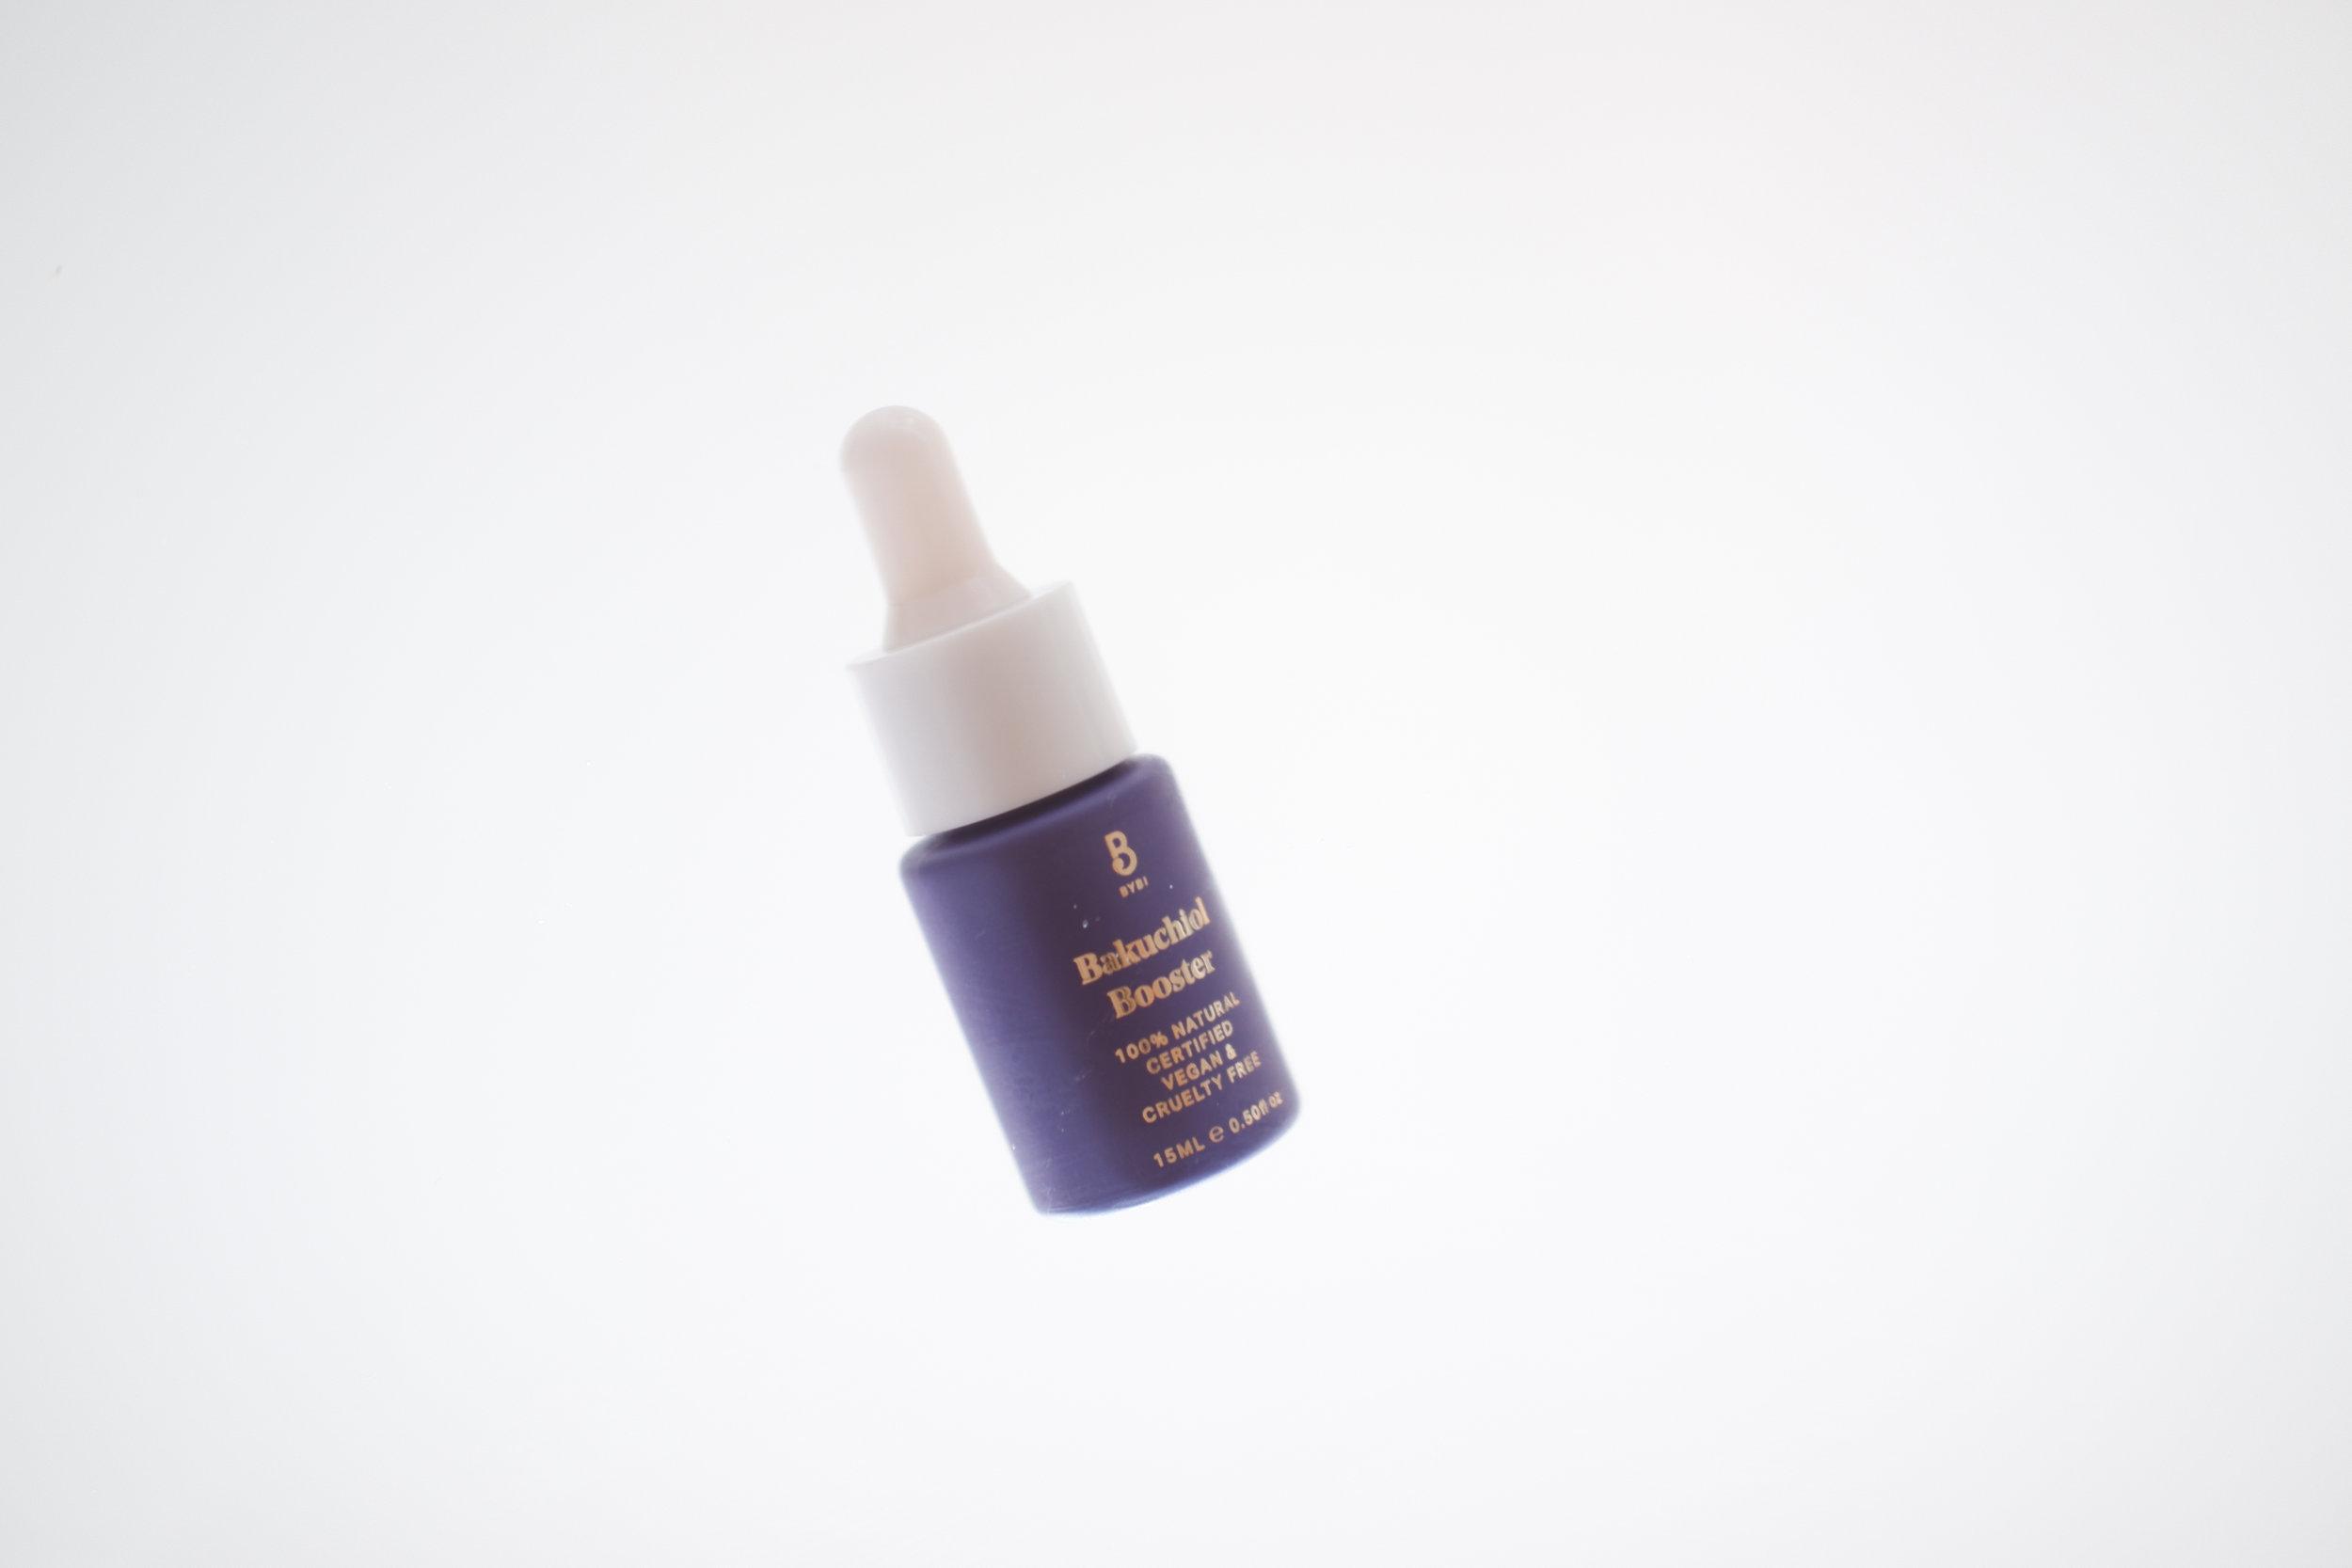 Viikko 30/2019:  BYBI Beauty Bakuchiol Booster  - Backuchiol on luonnon oma A-vitamiini, eli sillä on kaikki retinolin hyvät vaikutukset ihoon; se uudistaa, siloittaa ja kirkastaa ihoa. 99% skvalaania ja 1% Bakuchiolia sisältävä boosteri on erinomainen yökäytössä. Iho on aamulla aivan super kirkas ja tasaisen sävyinen. Retinoli ei aina sovi herkälle iholle, mutta tämä Bakuchiol boosteri ei ärsytä herkkääkään ihoa. Käytä iltaisin puhtaille kasvoille tai hoitoveden jälkeen sellaisenaan. Voit myös sekoittaa boosteria kosteusvoiteesi joukkoon.